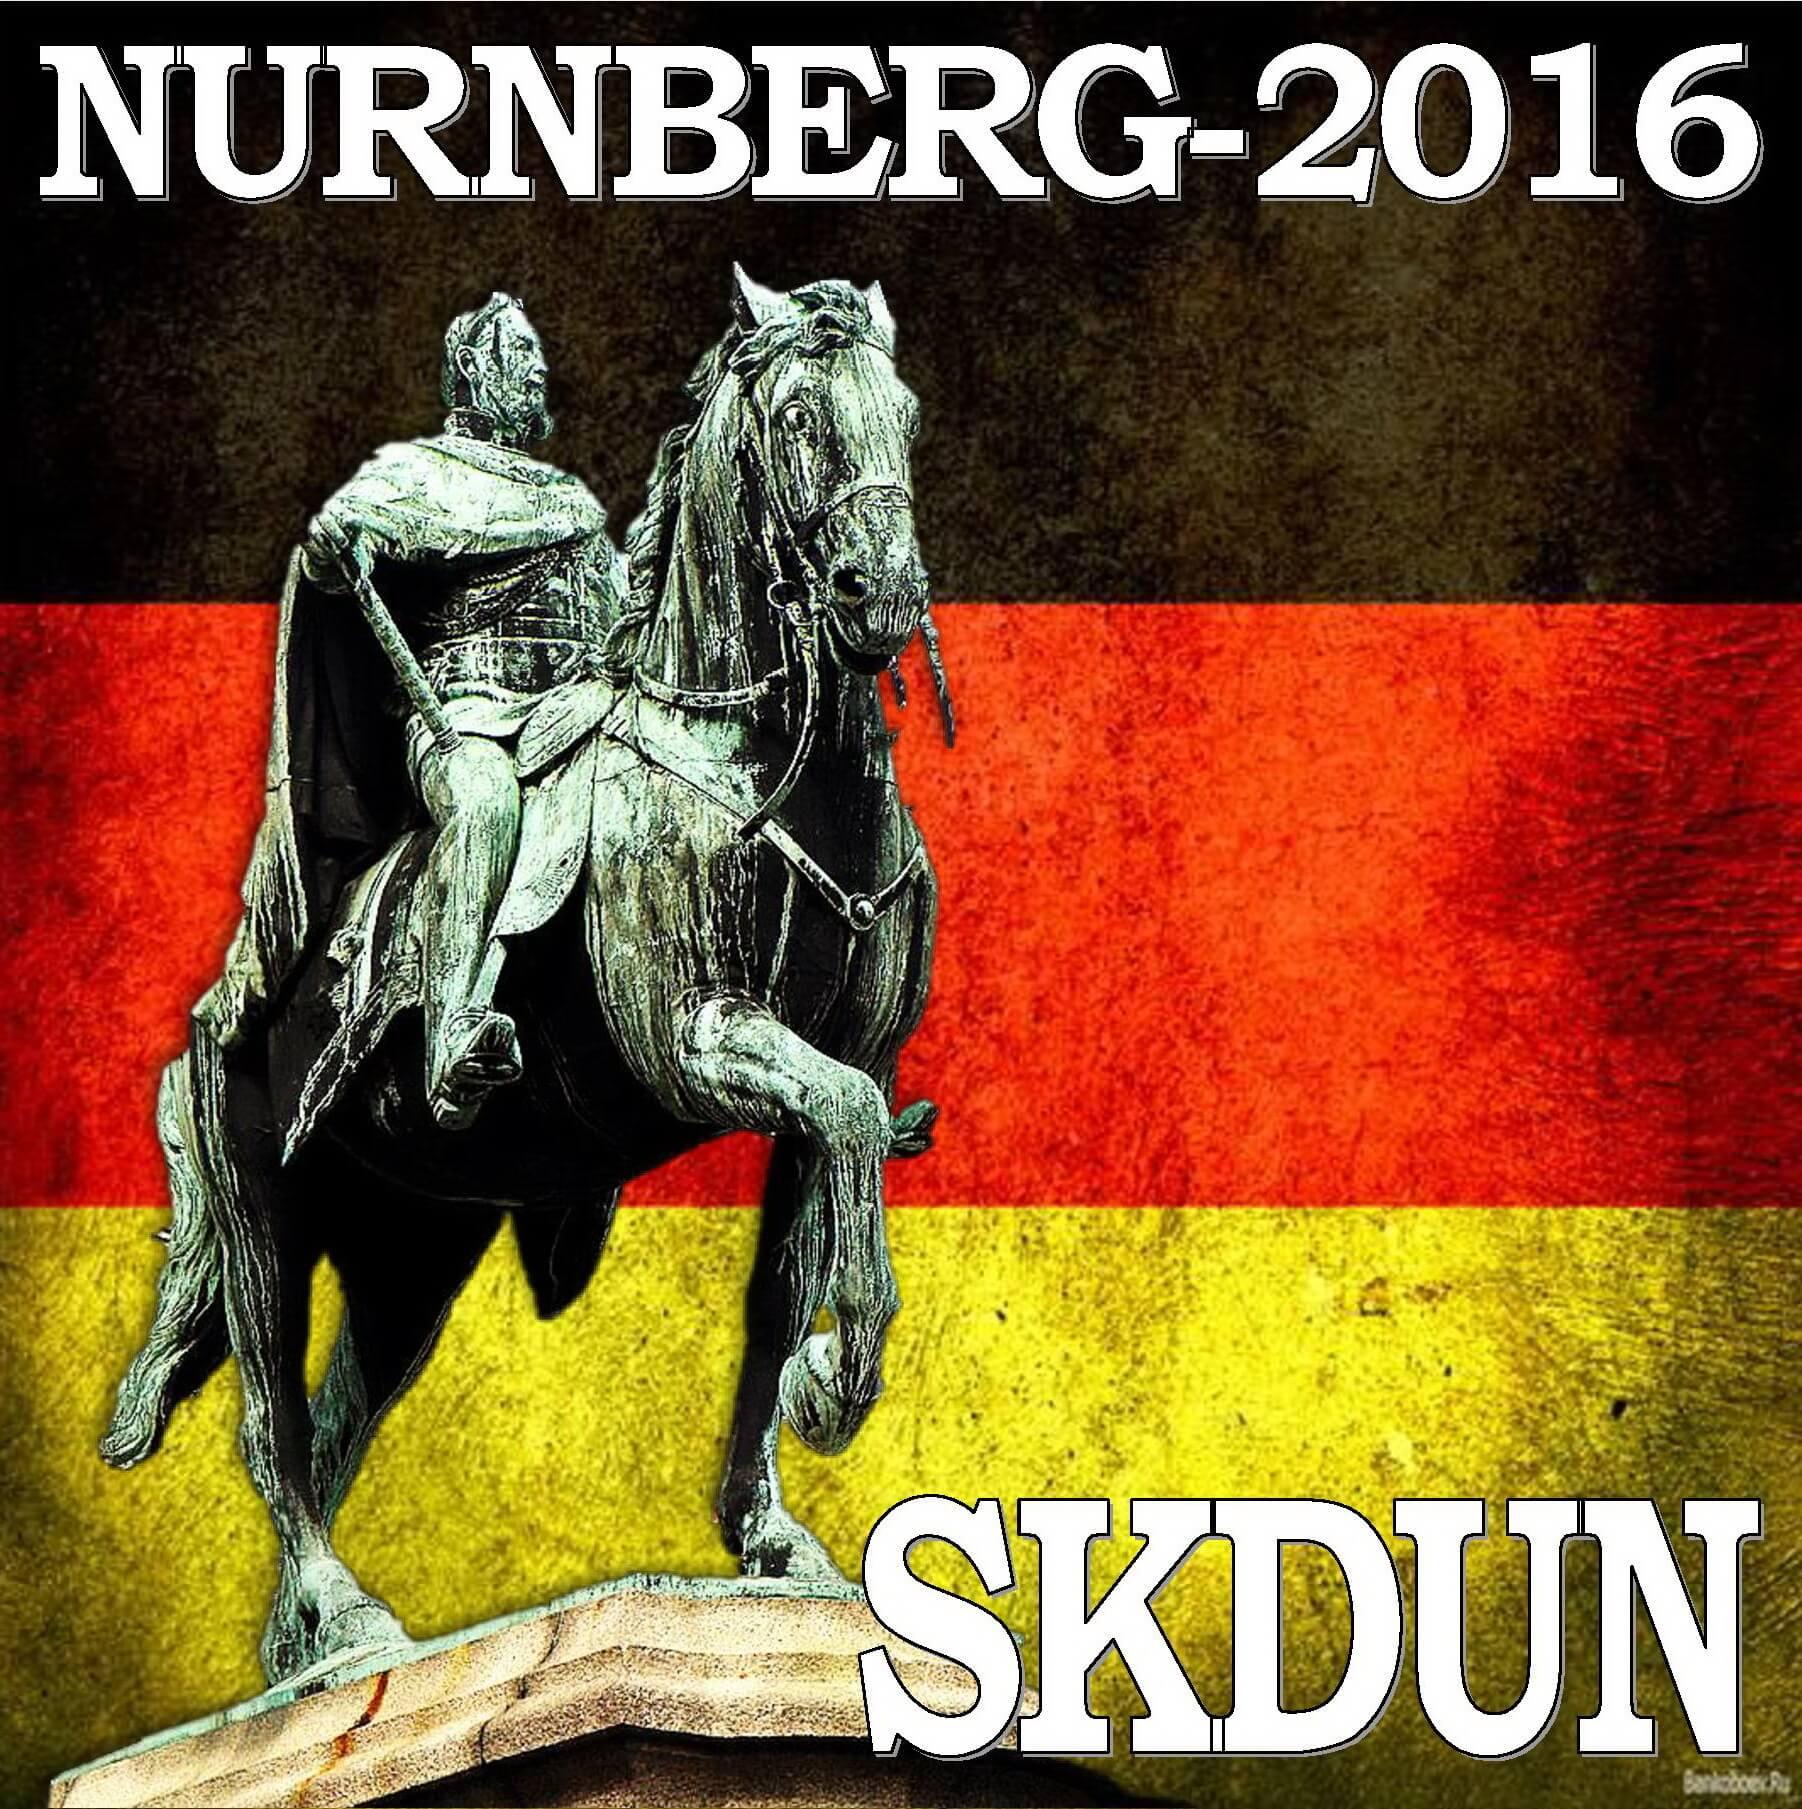 Нюрнберг-2016 лого